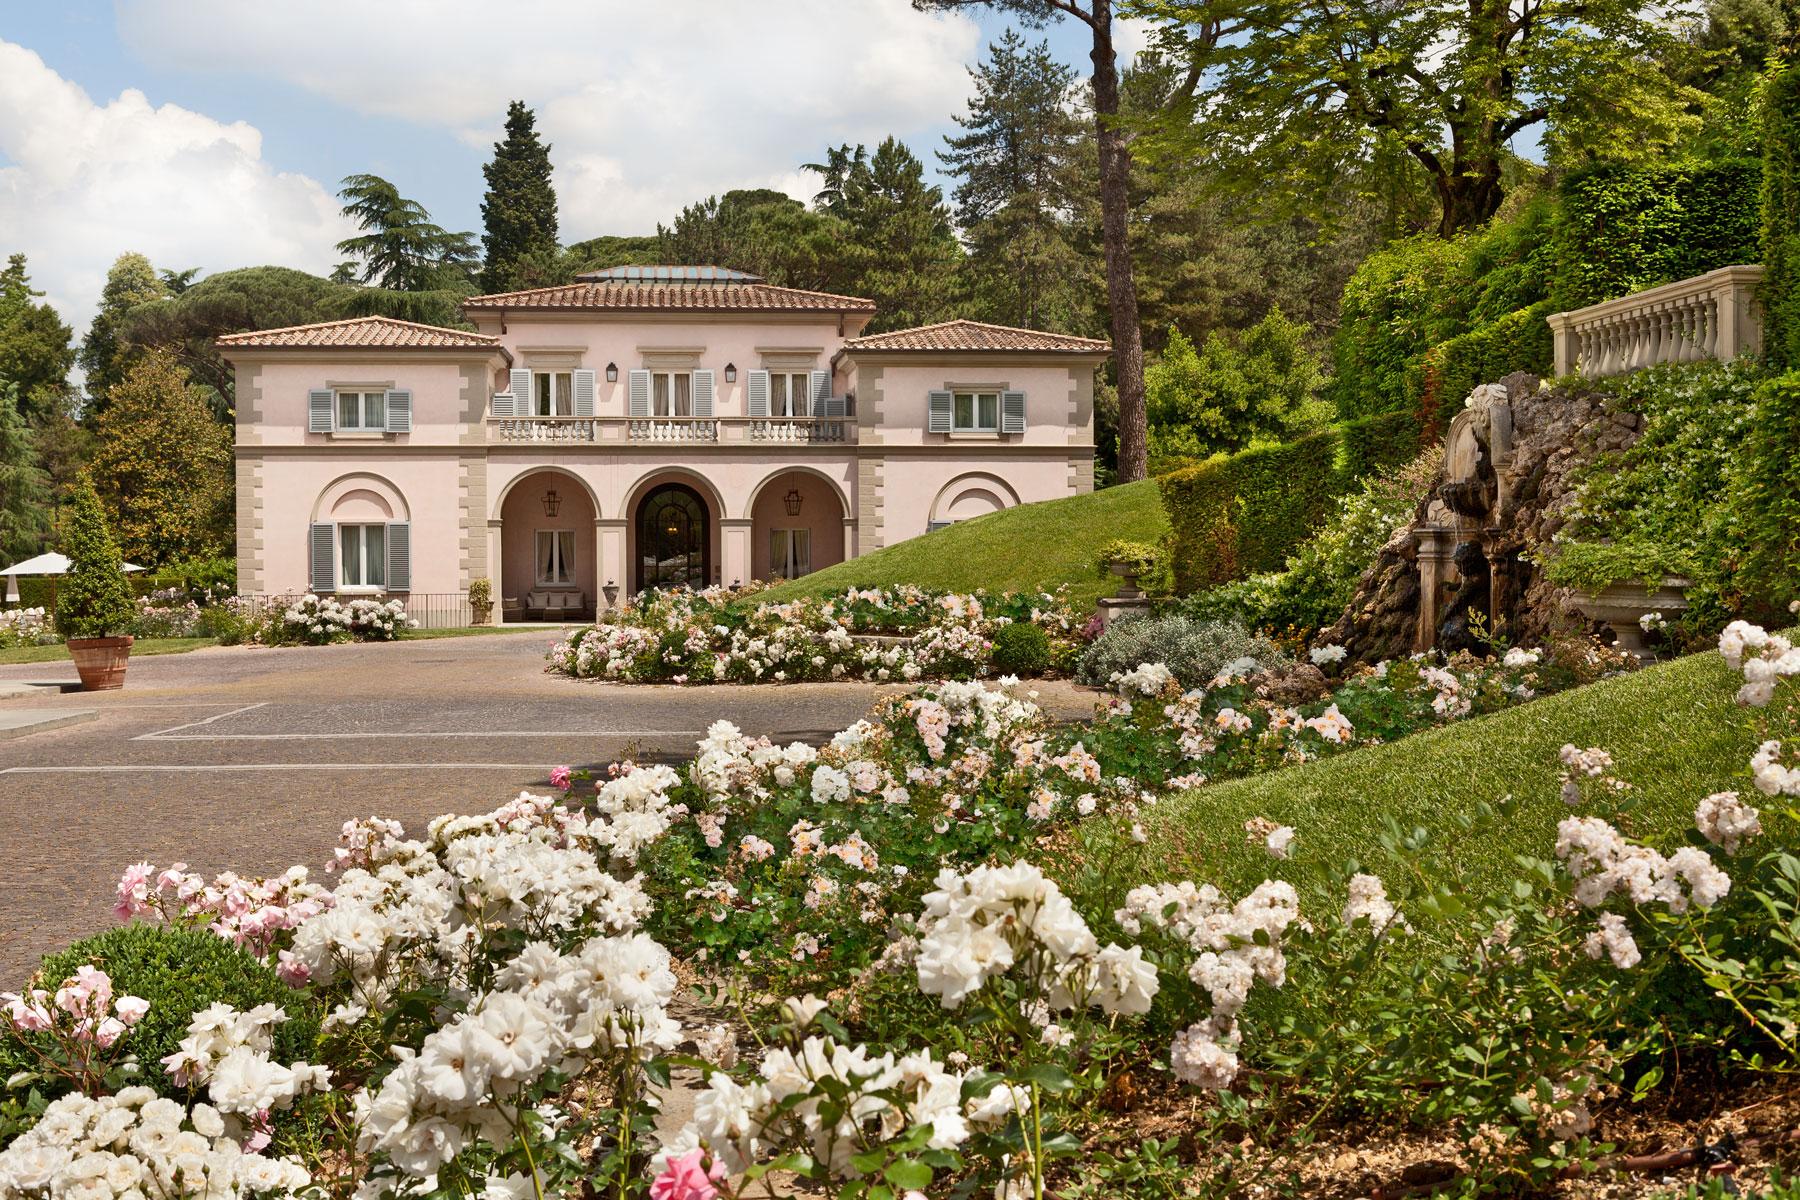 Ingresso principale con giardino delle Rose